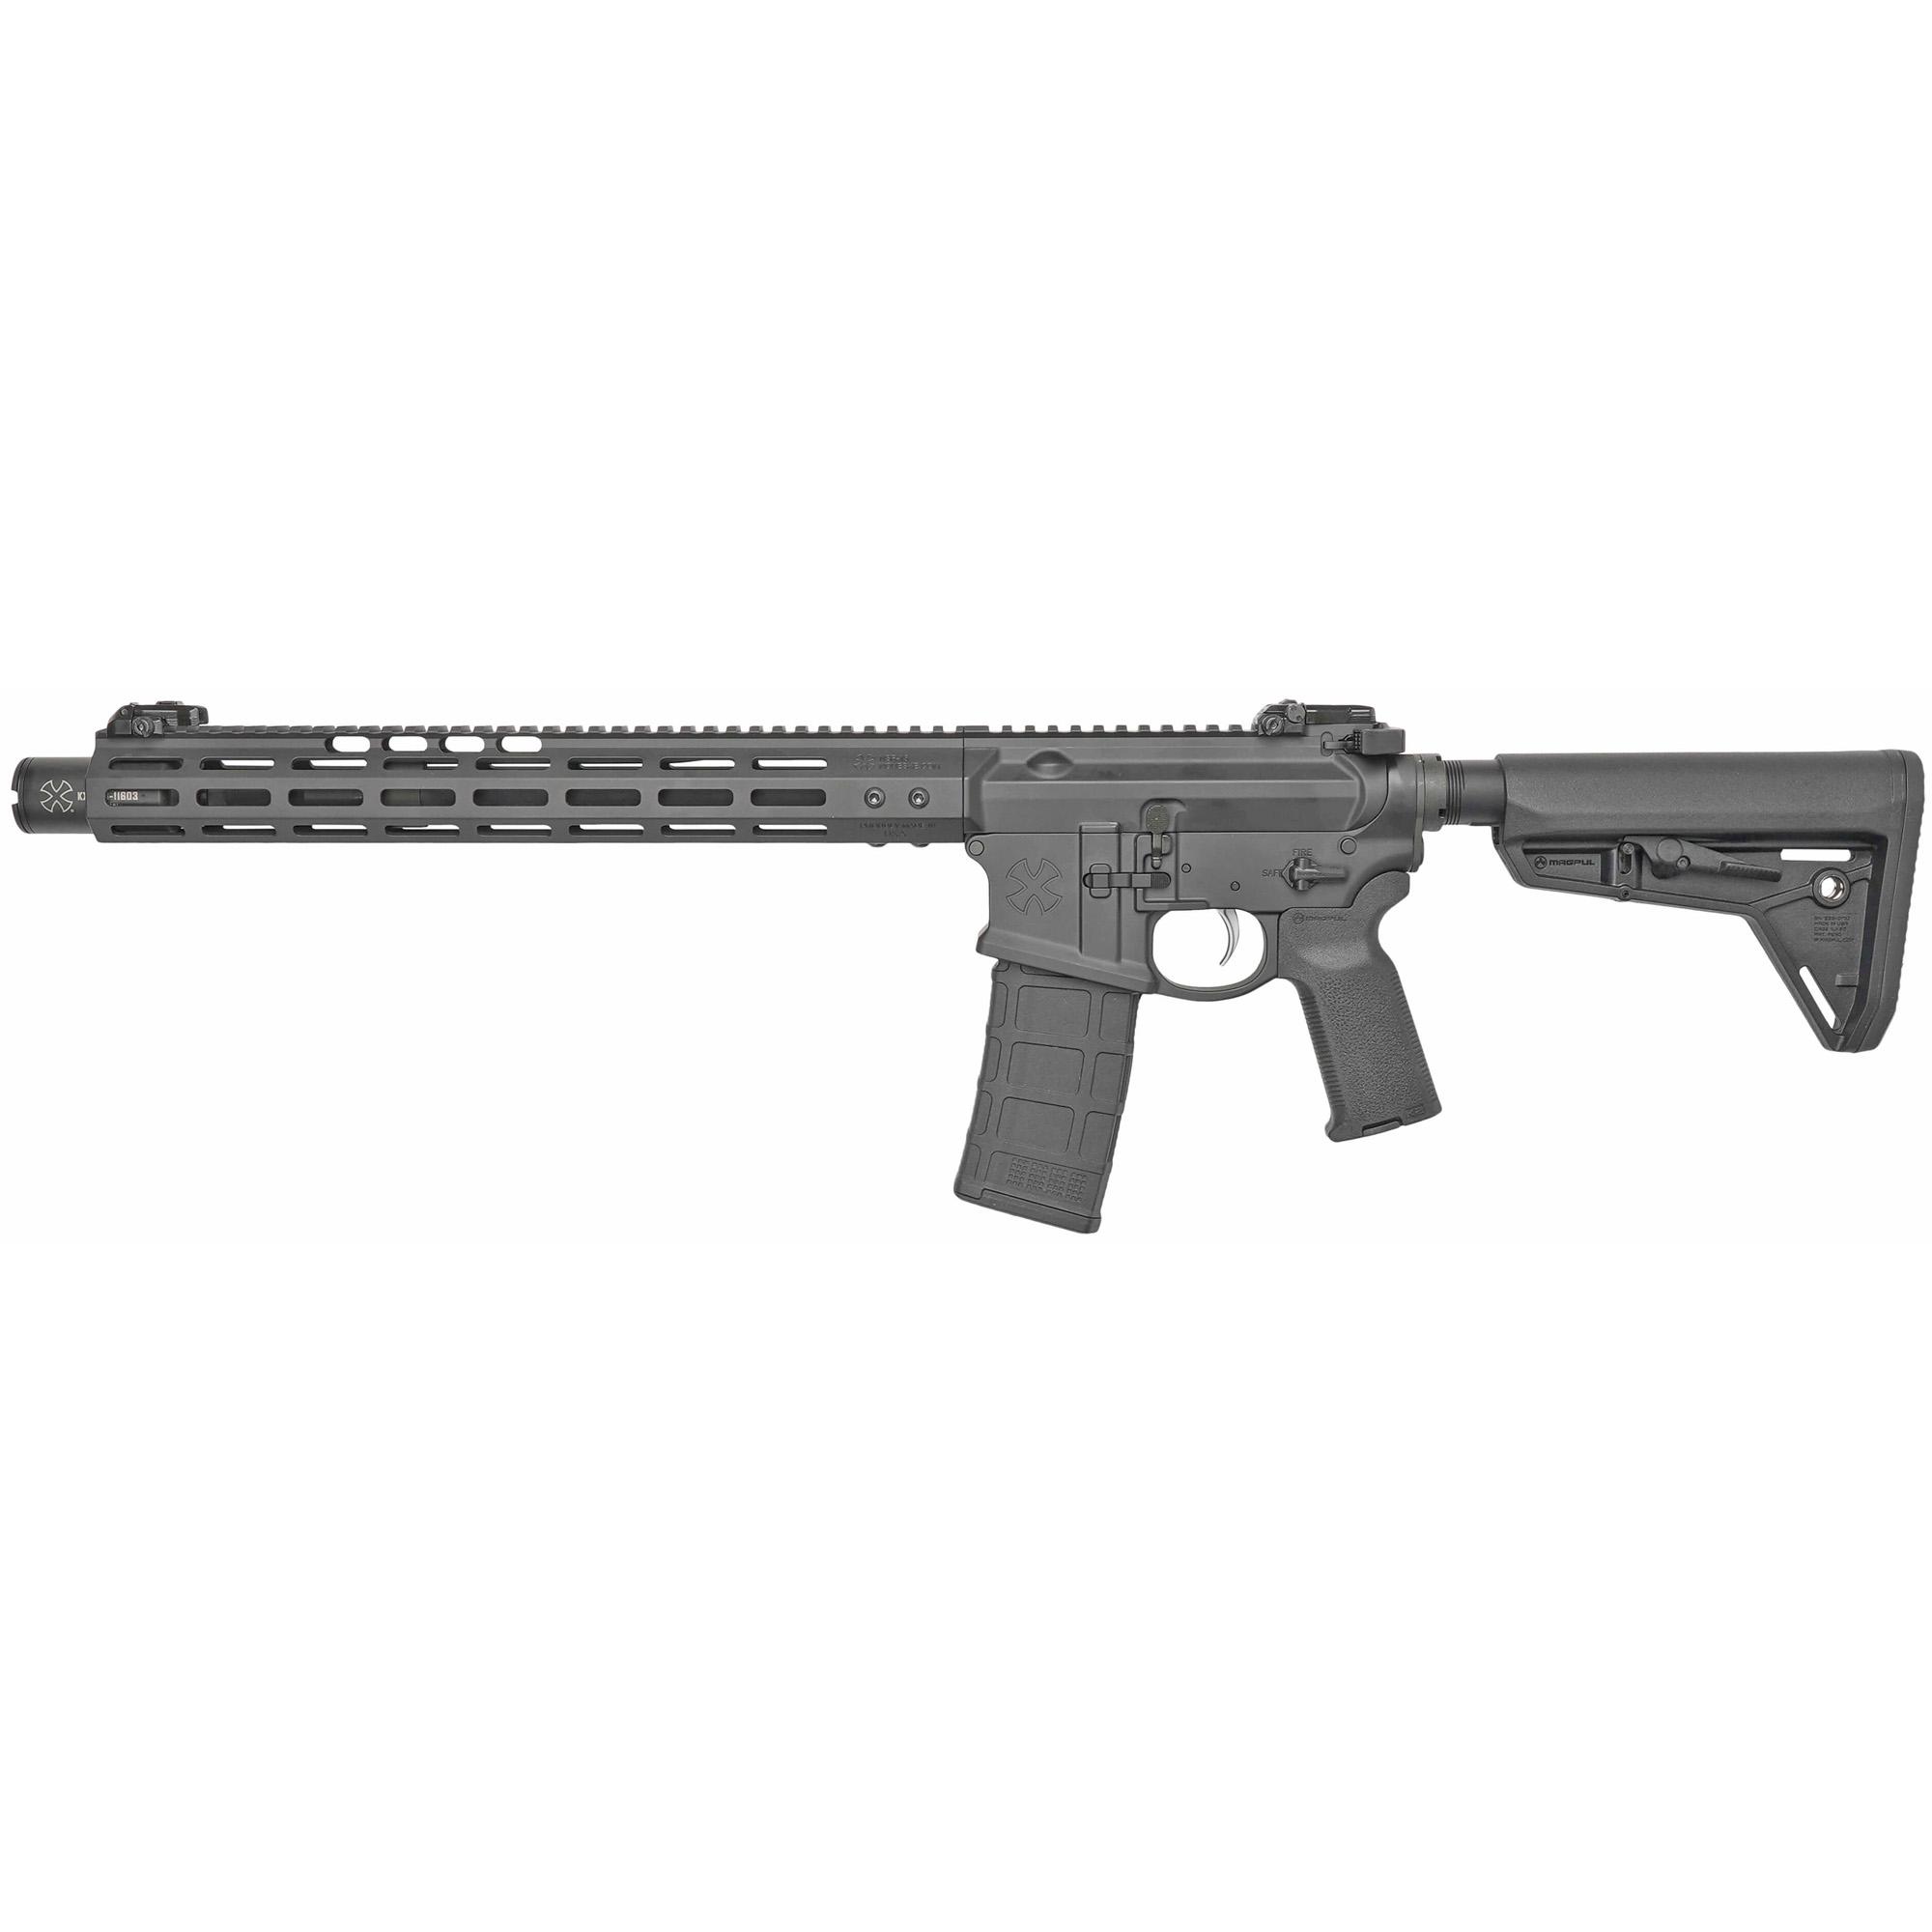 Noveske 02000789 Light Infidel 5.56x45mm NATO 13.70